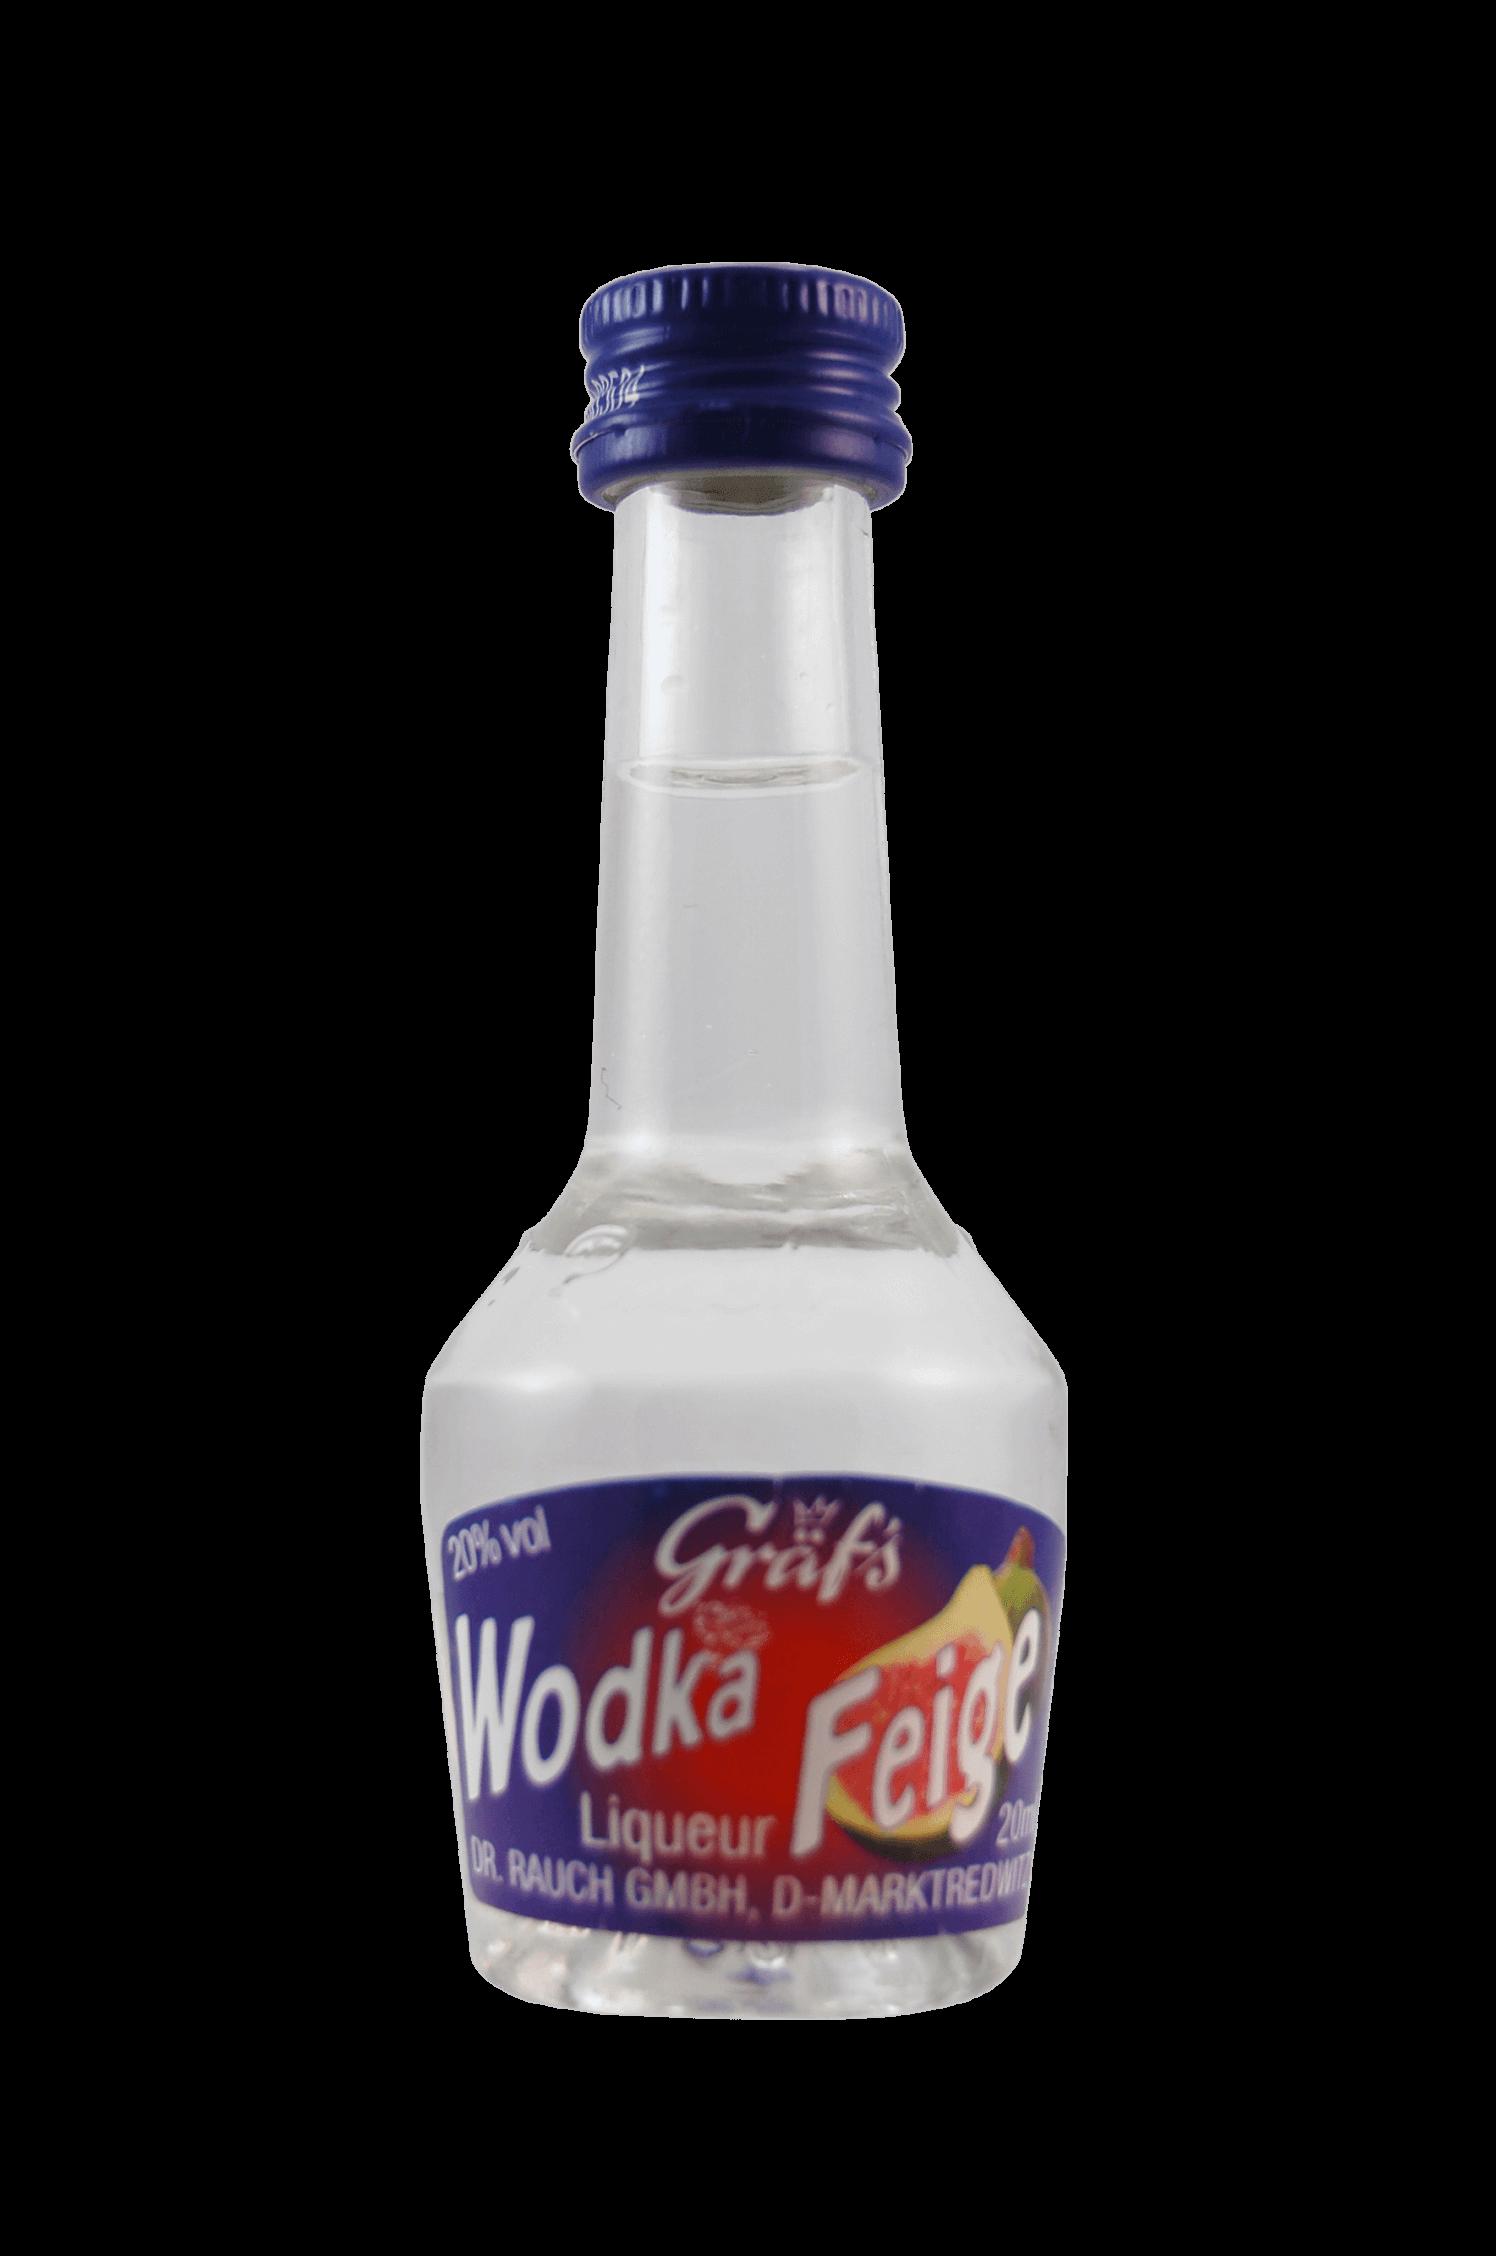 Wodka Feige Liqueur